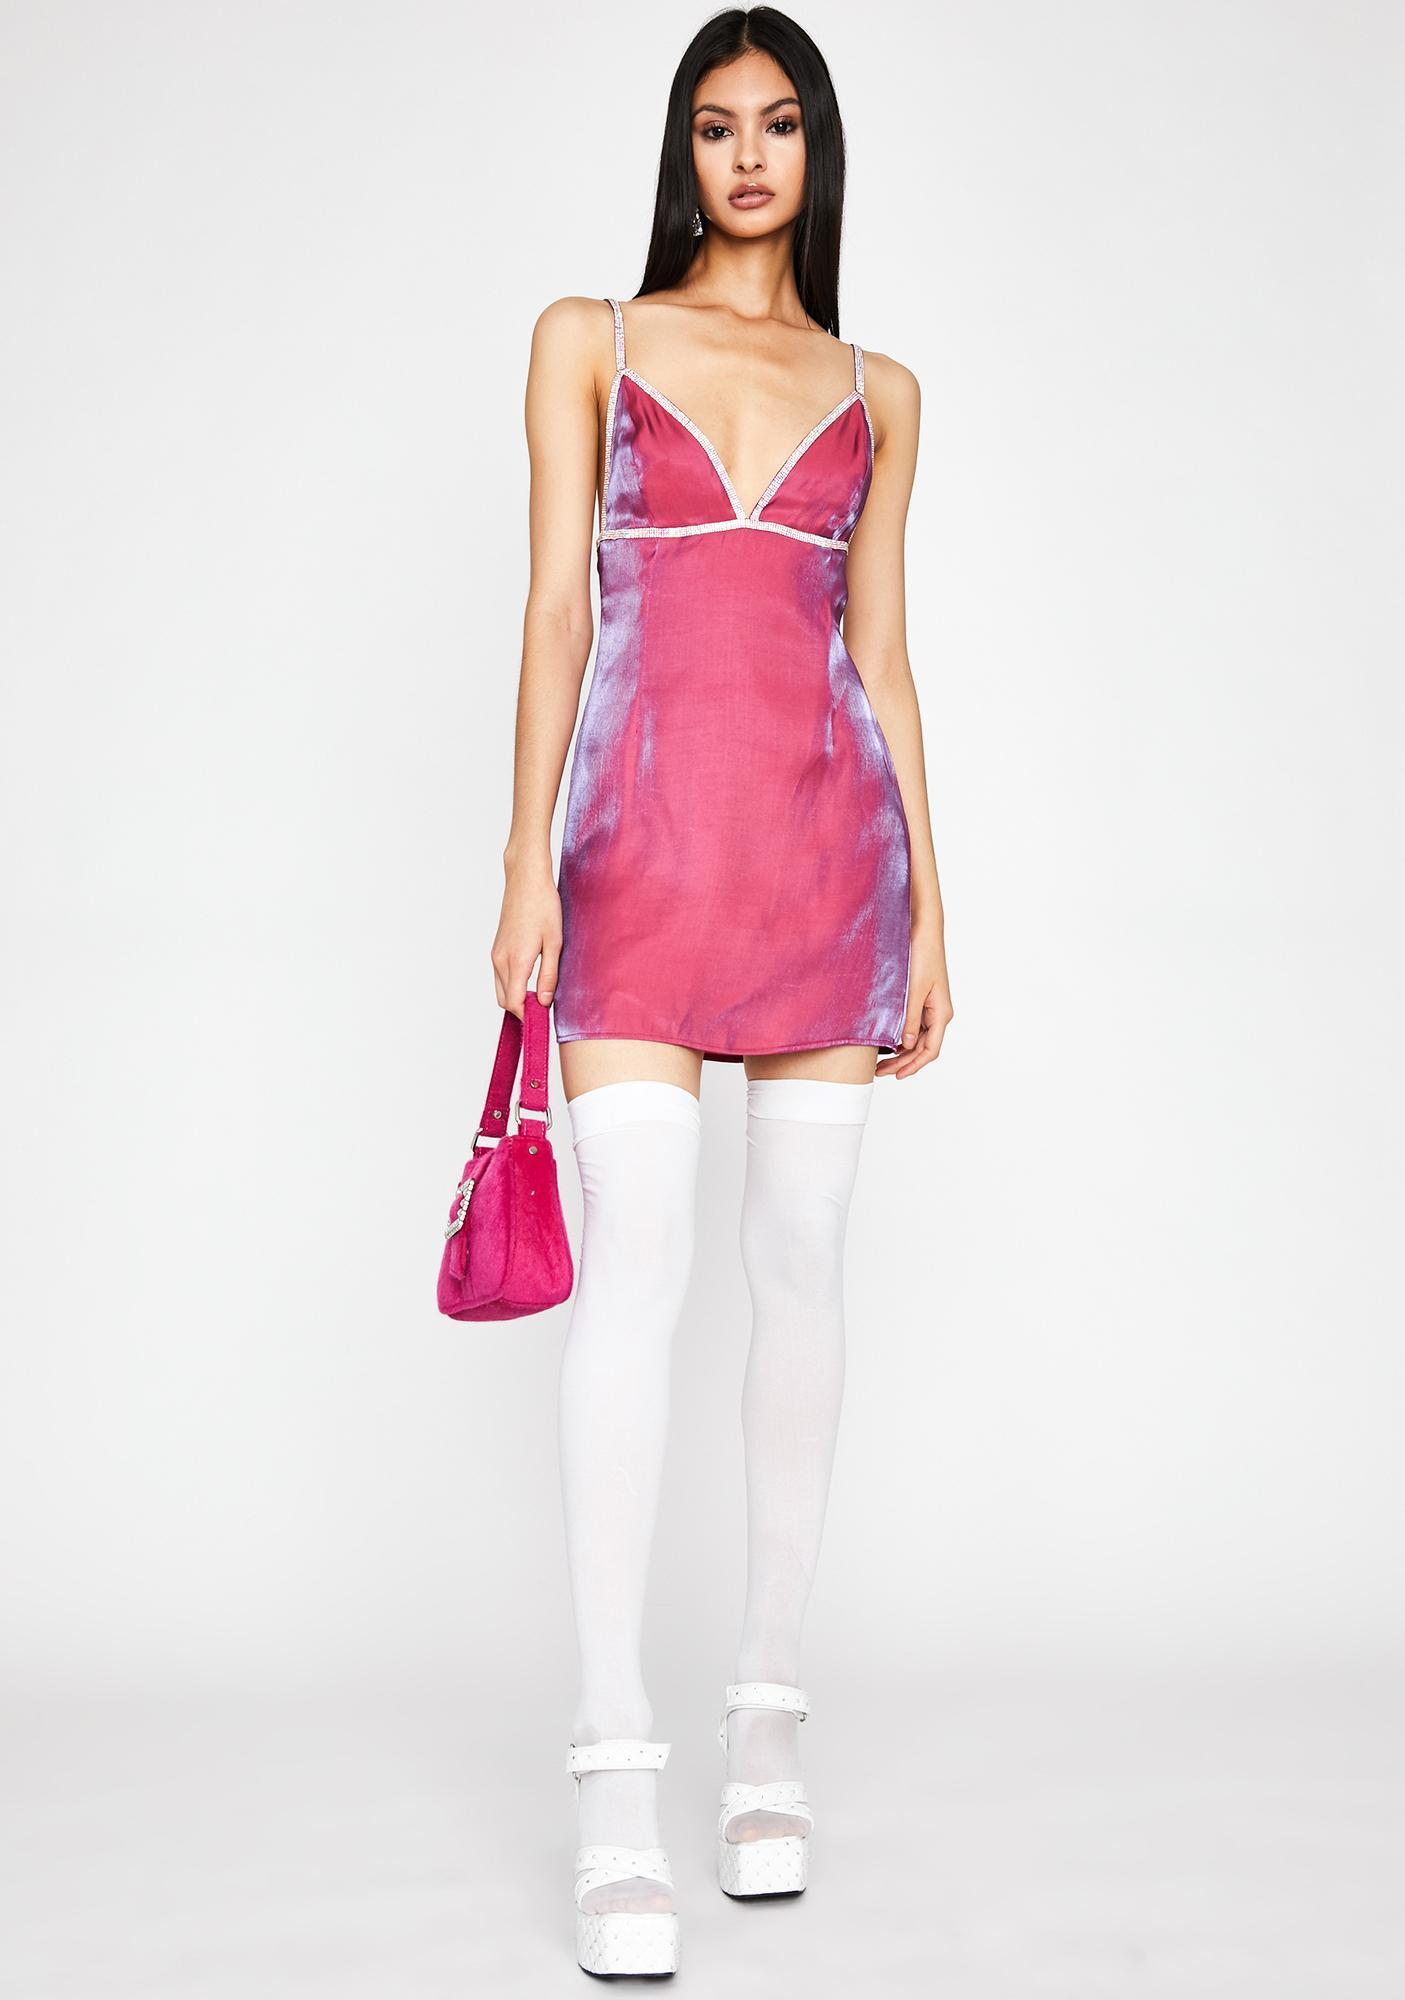 Sugar Spring Fling Queen Rhinestone Dress